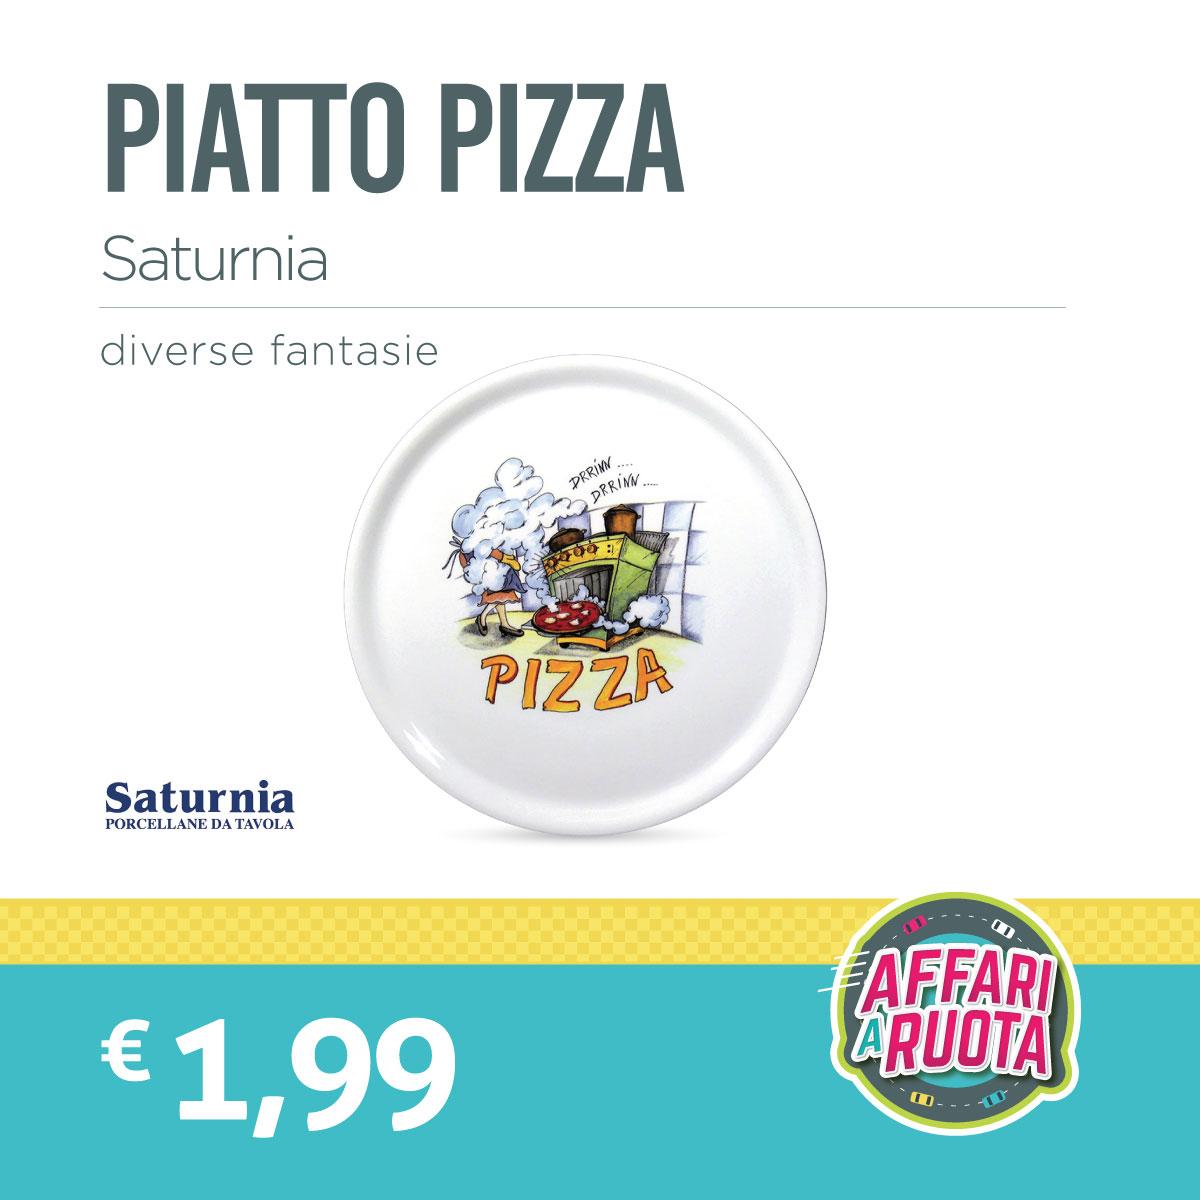 Piatto Pizza Saturnia